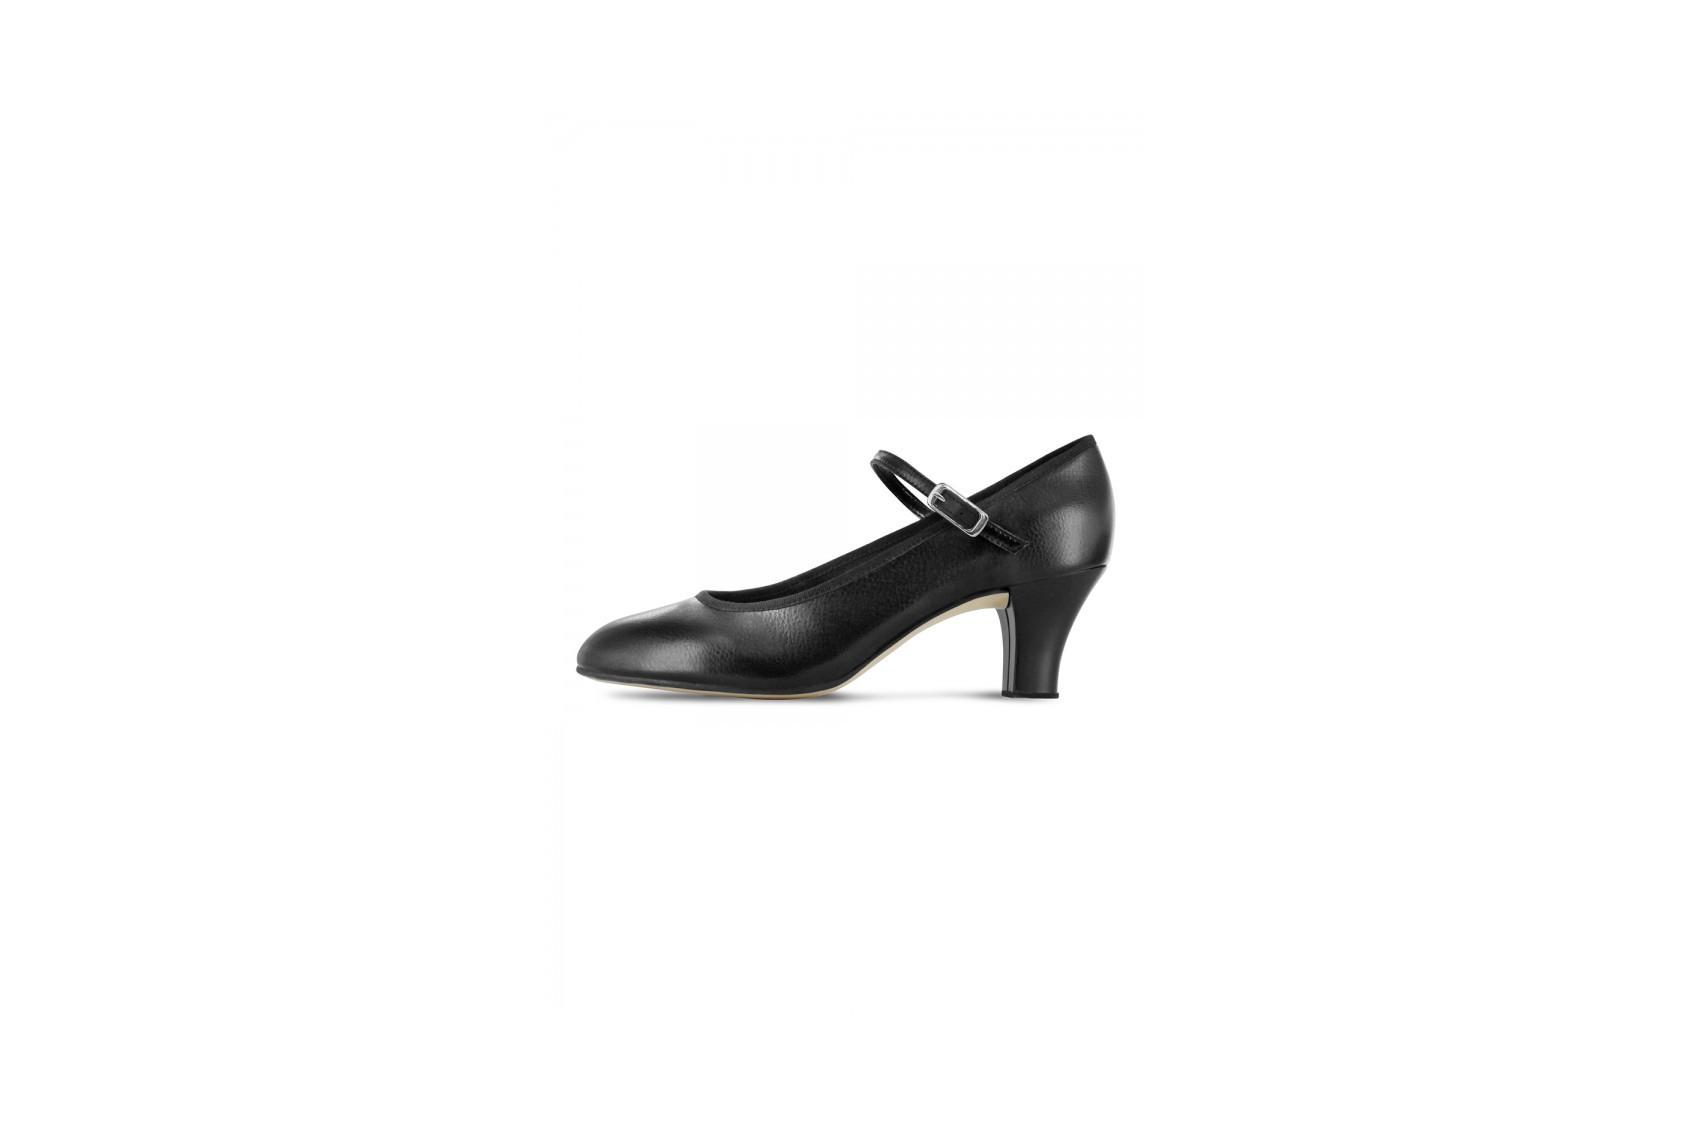 Chaussures de caractère